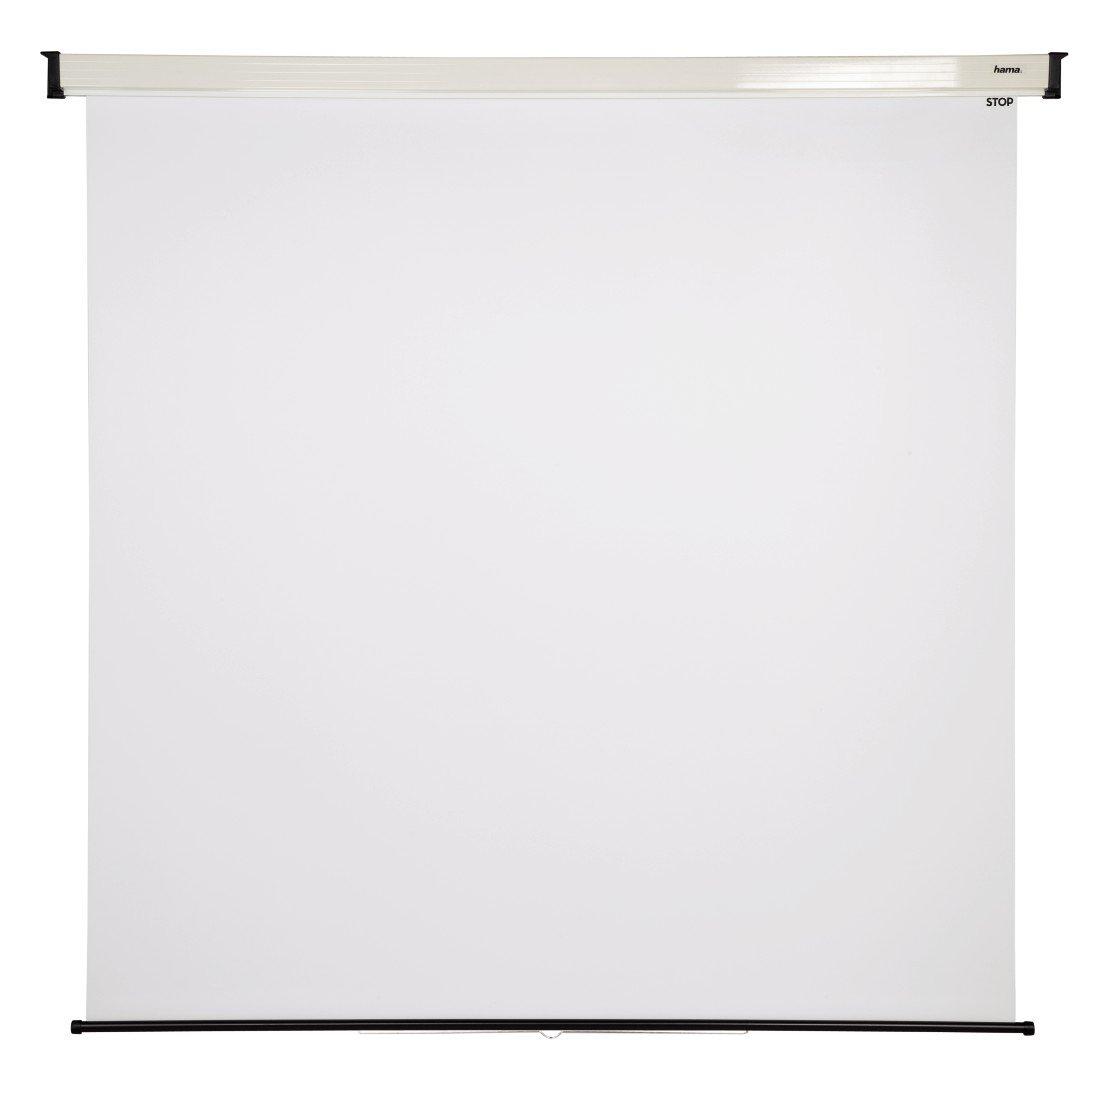 Hama - Pantalla para proyector (240 x 200 cm, 1:1): Amazon.es ...